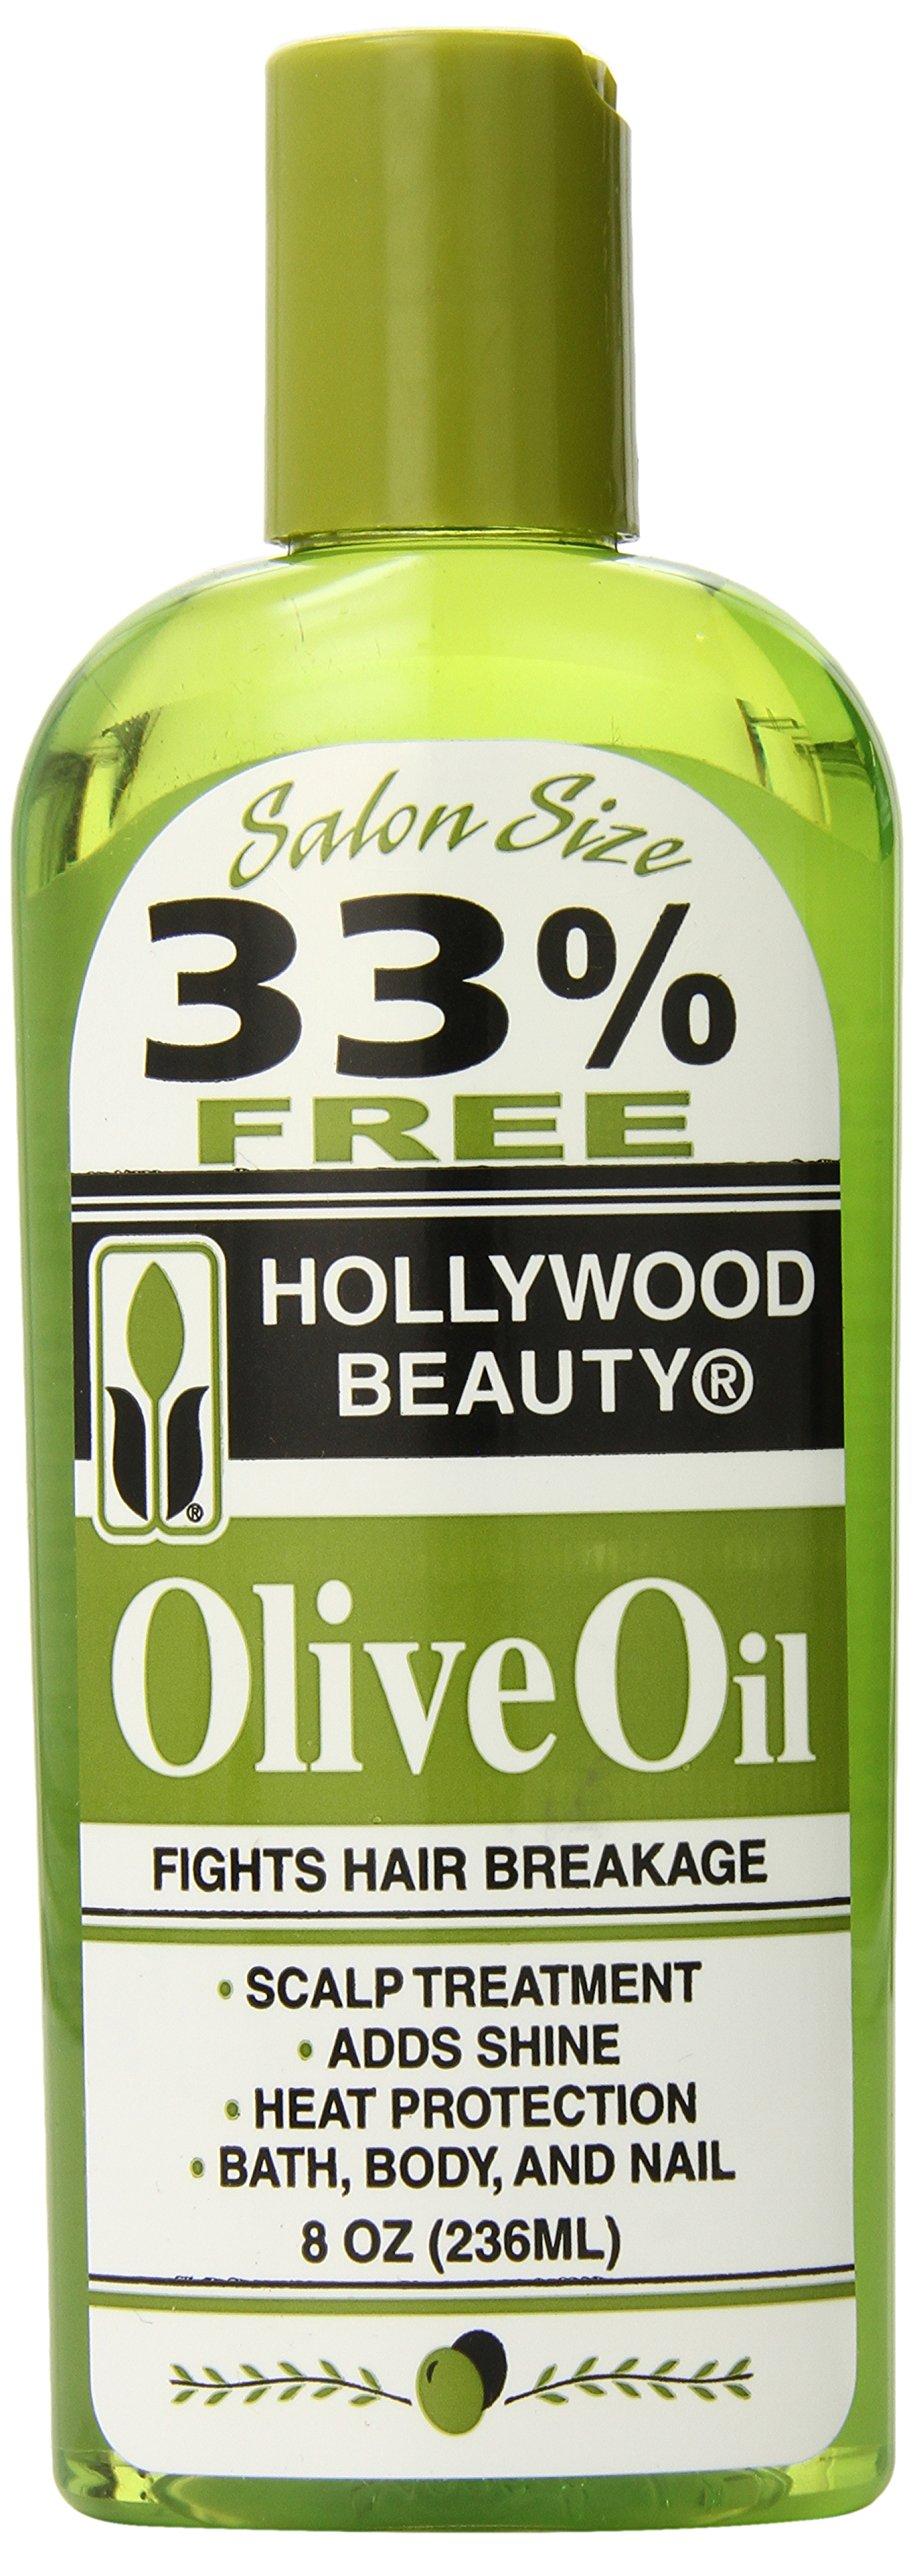 Hollywood Beauty Olive Oil, 8 Ounce